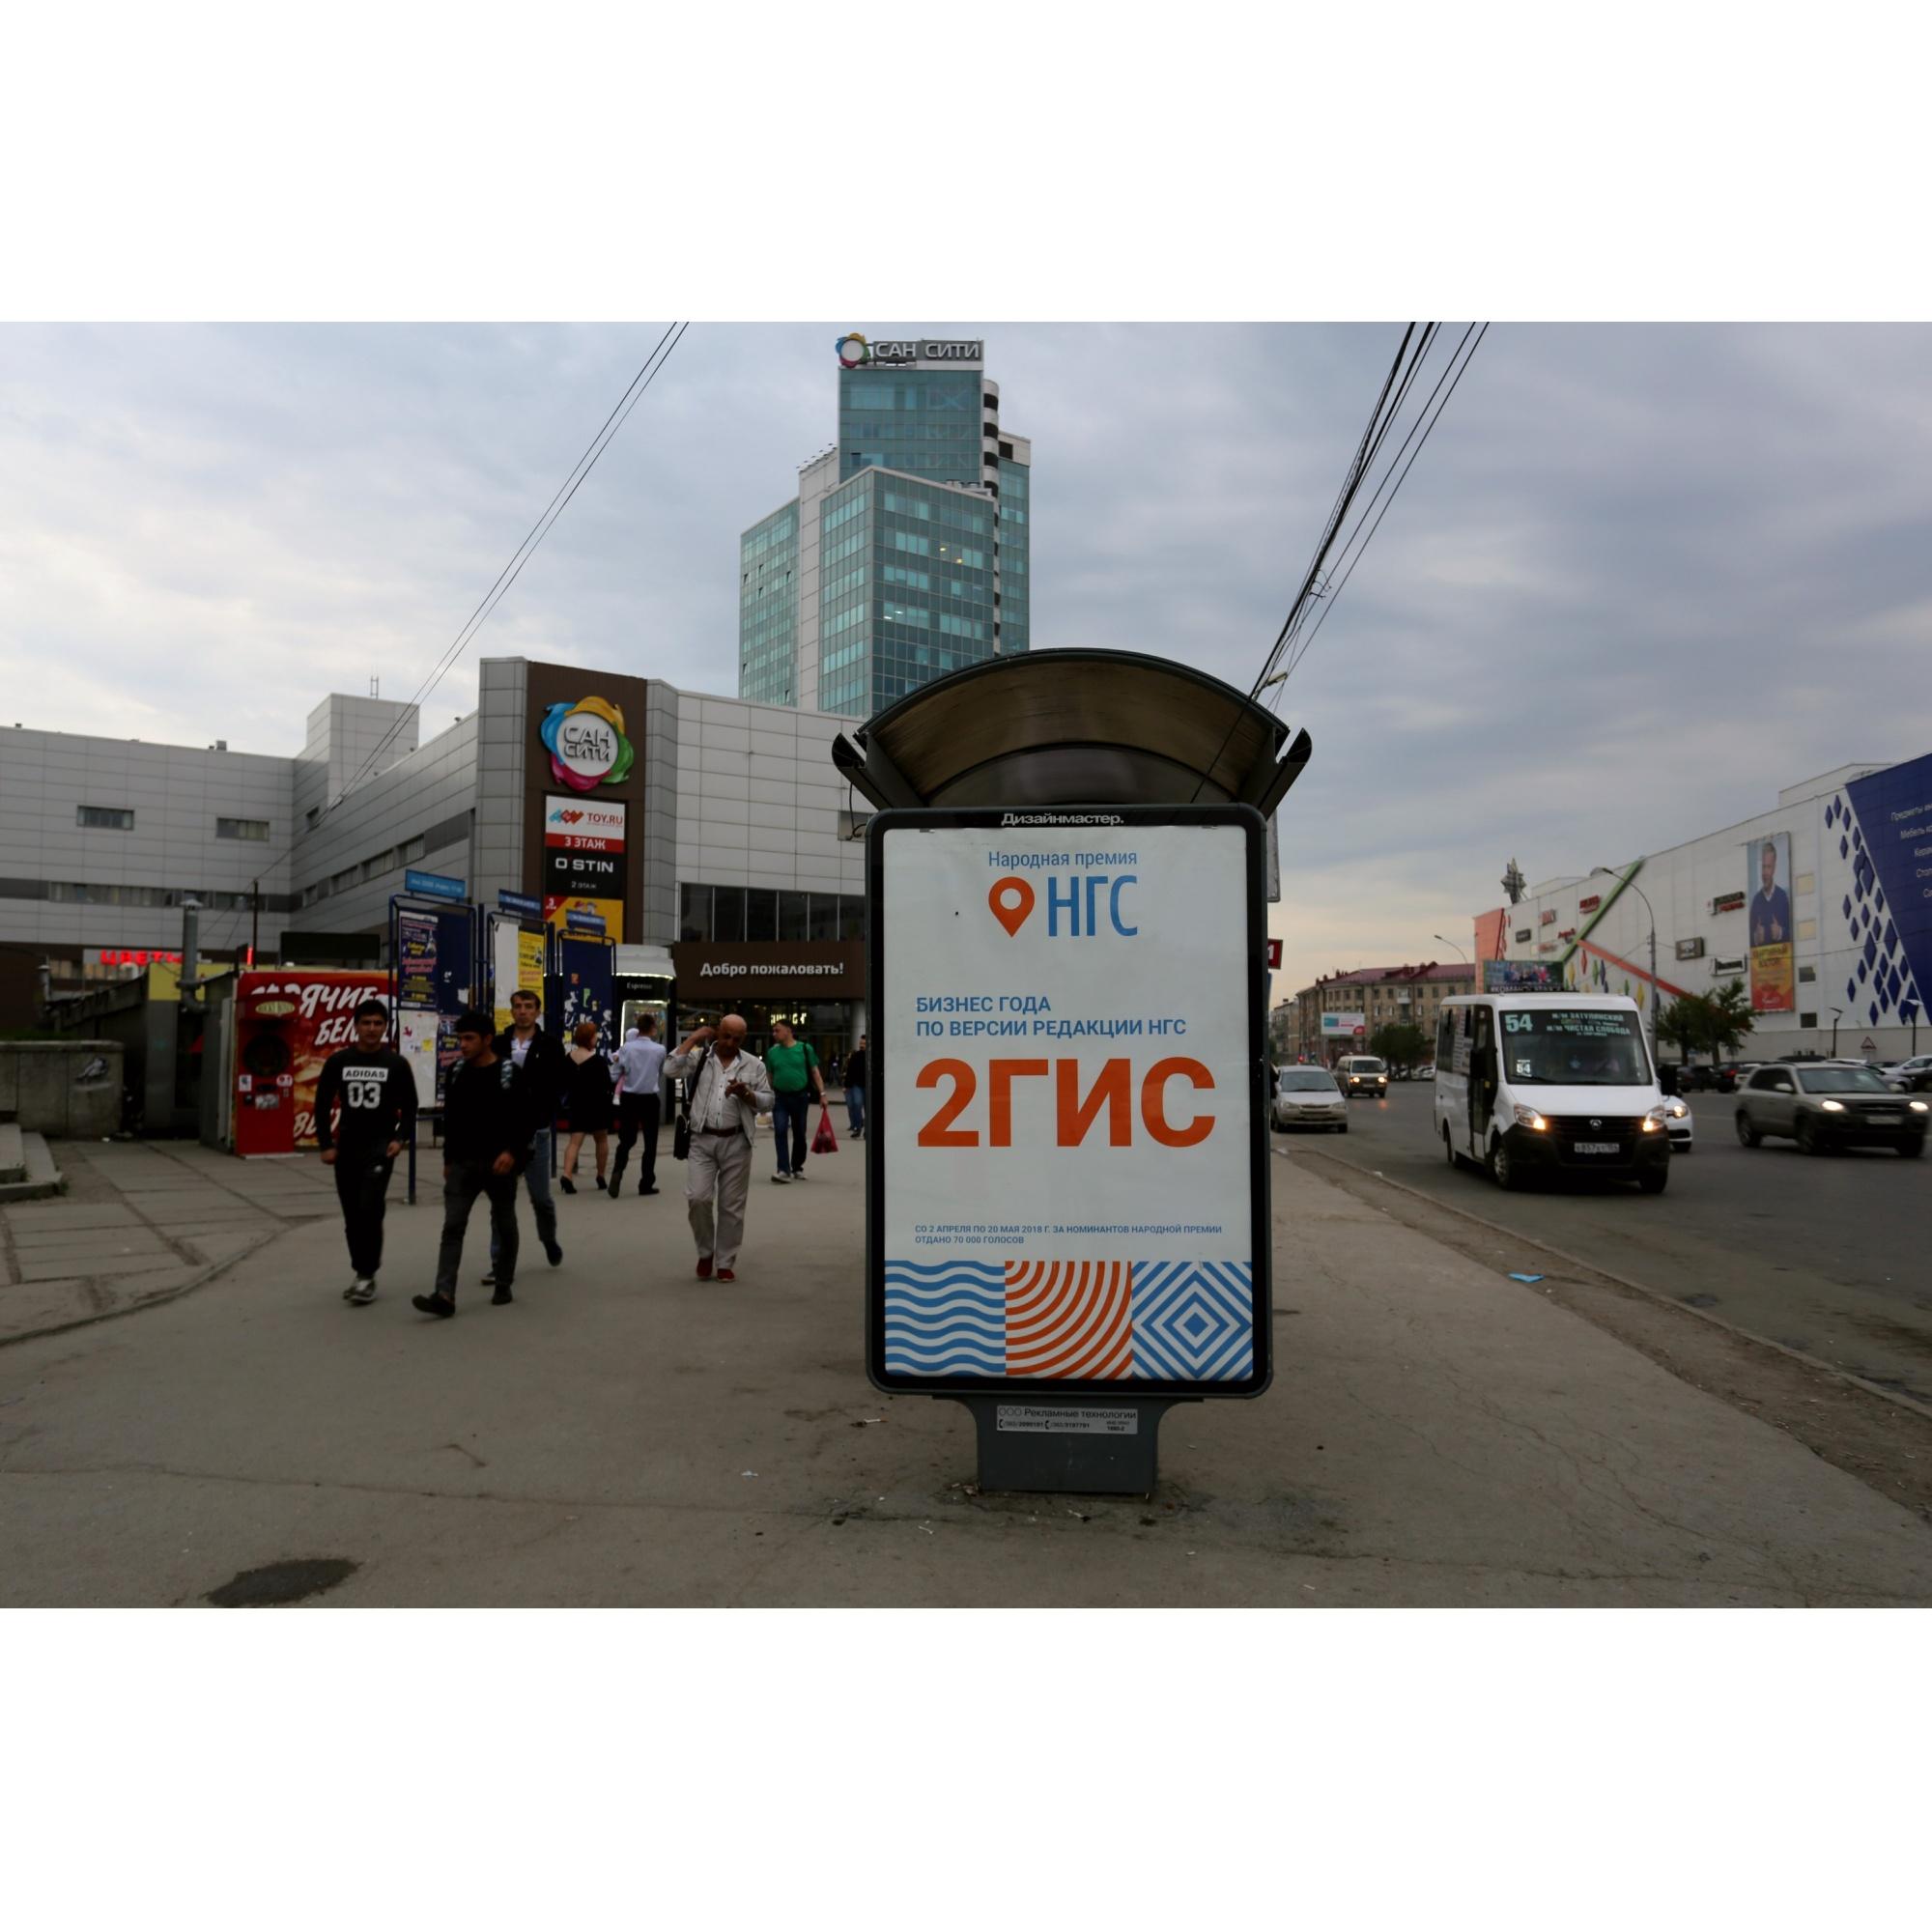 Компания «2ГИС» — это «Бизнес года», по версии НГС